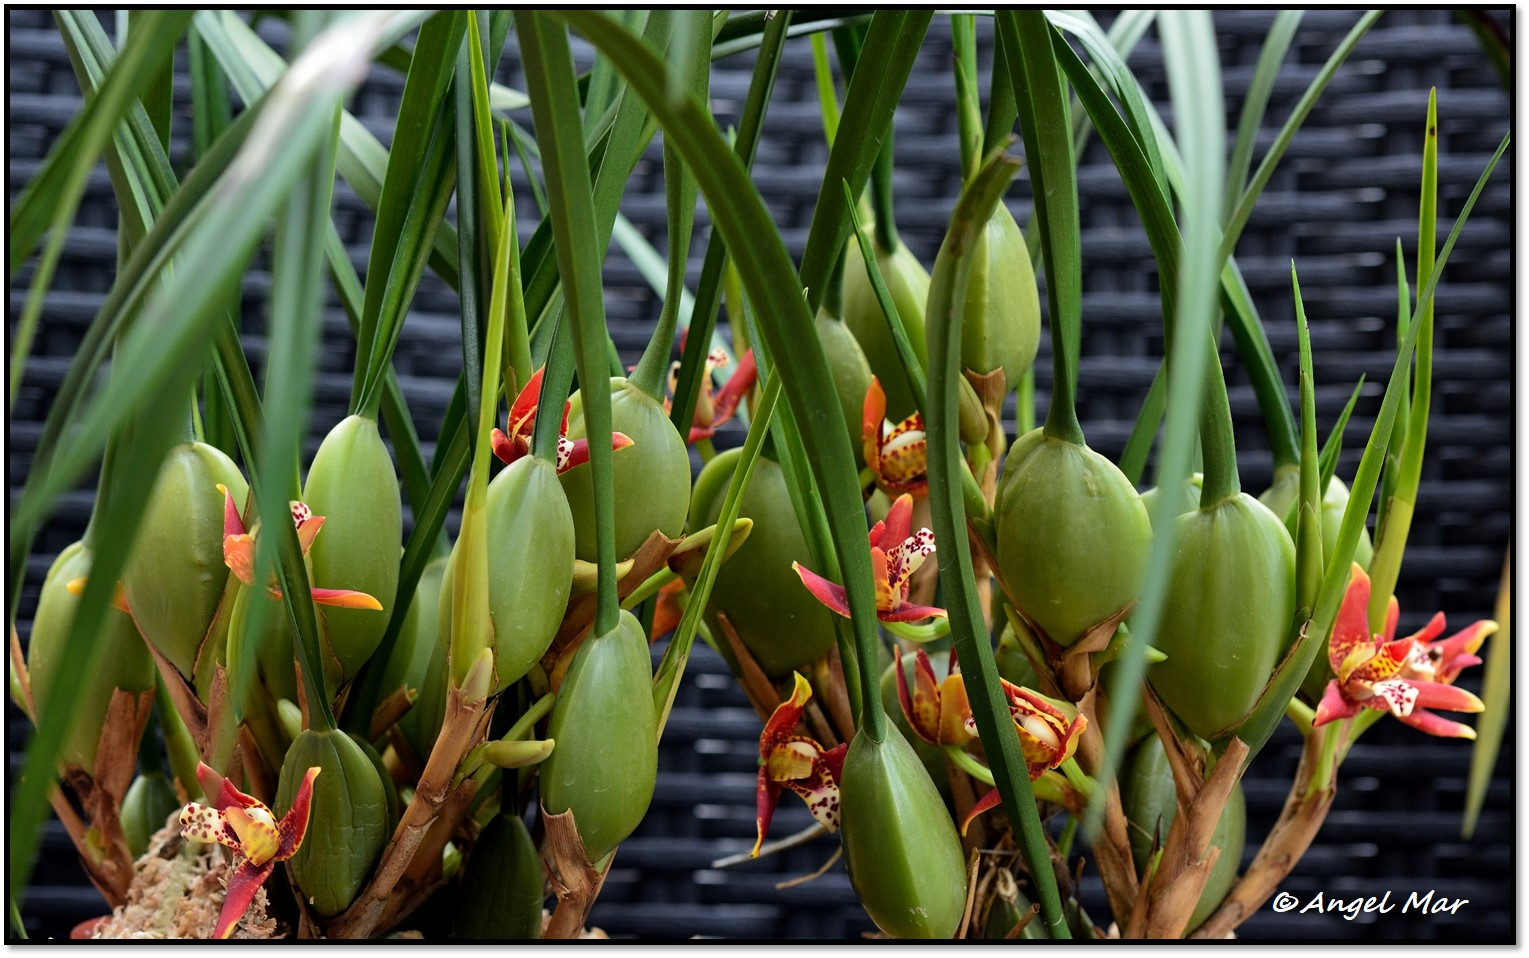 De tamaño intermedio, destaca por sus largas y finas hojas de hasta 50 cms. y sus pseudobulbos ovoides que crecen linealmente unos sobre otros,